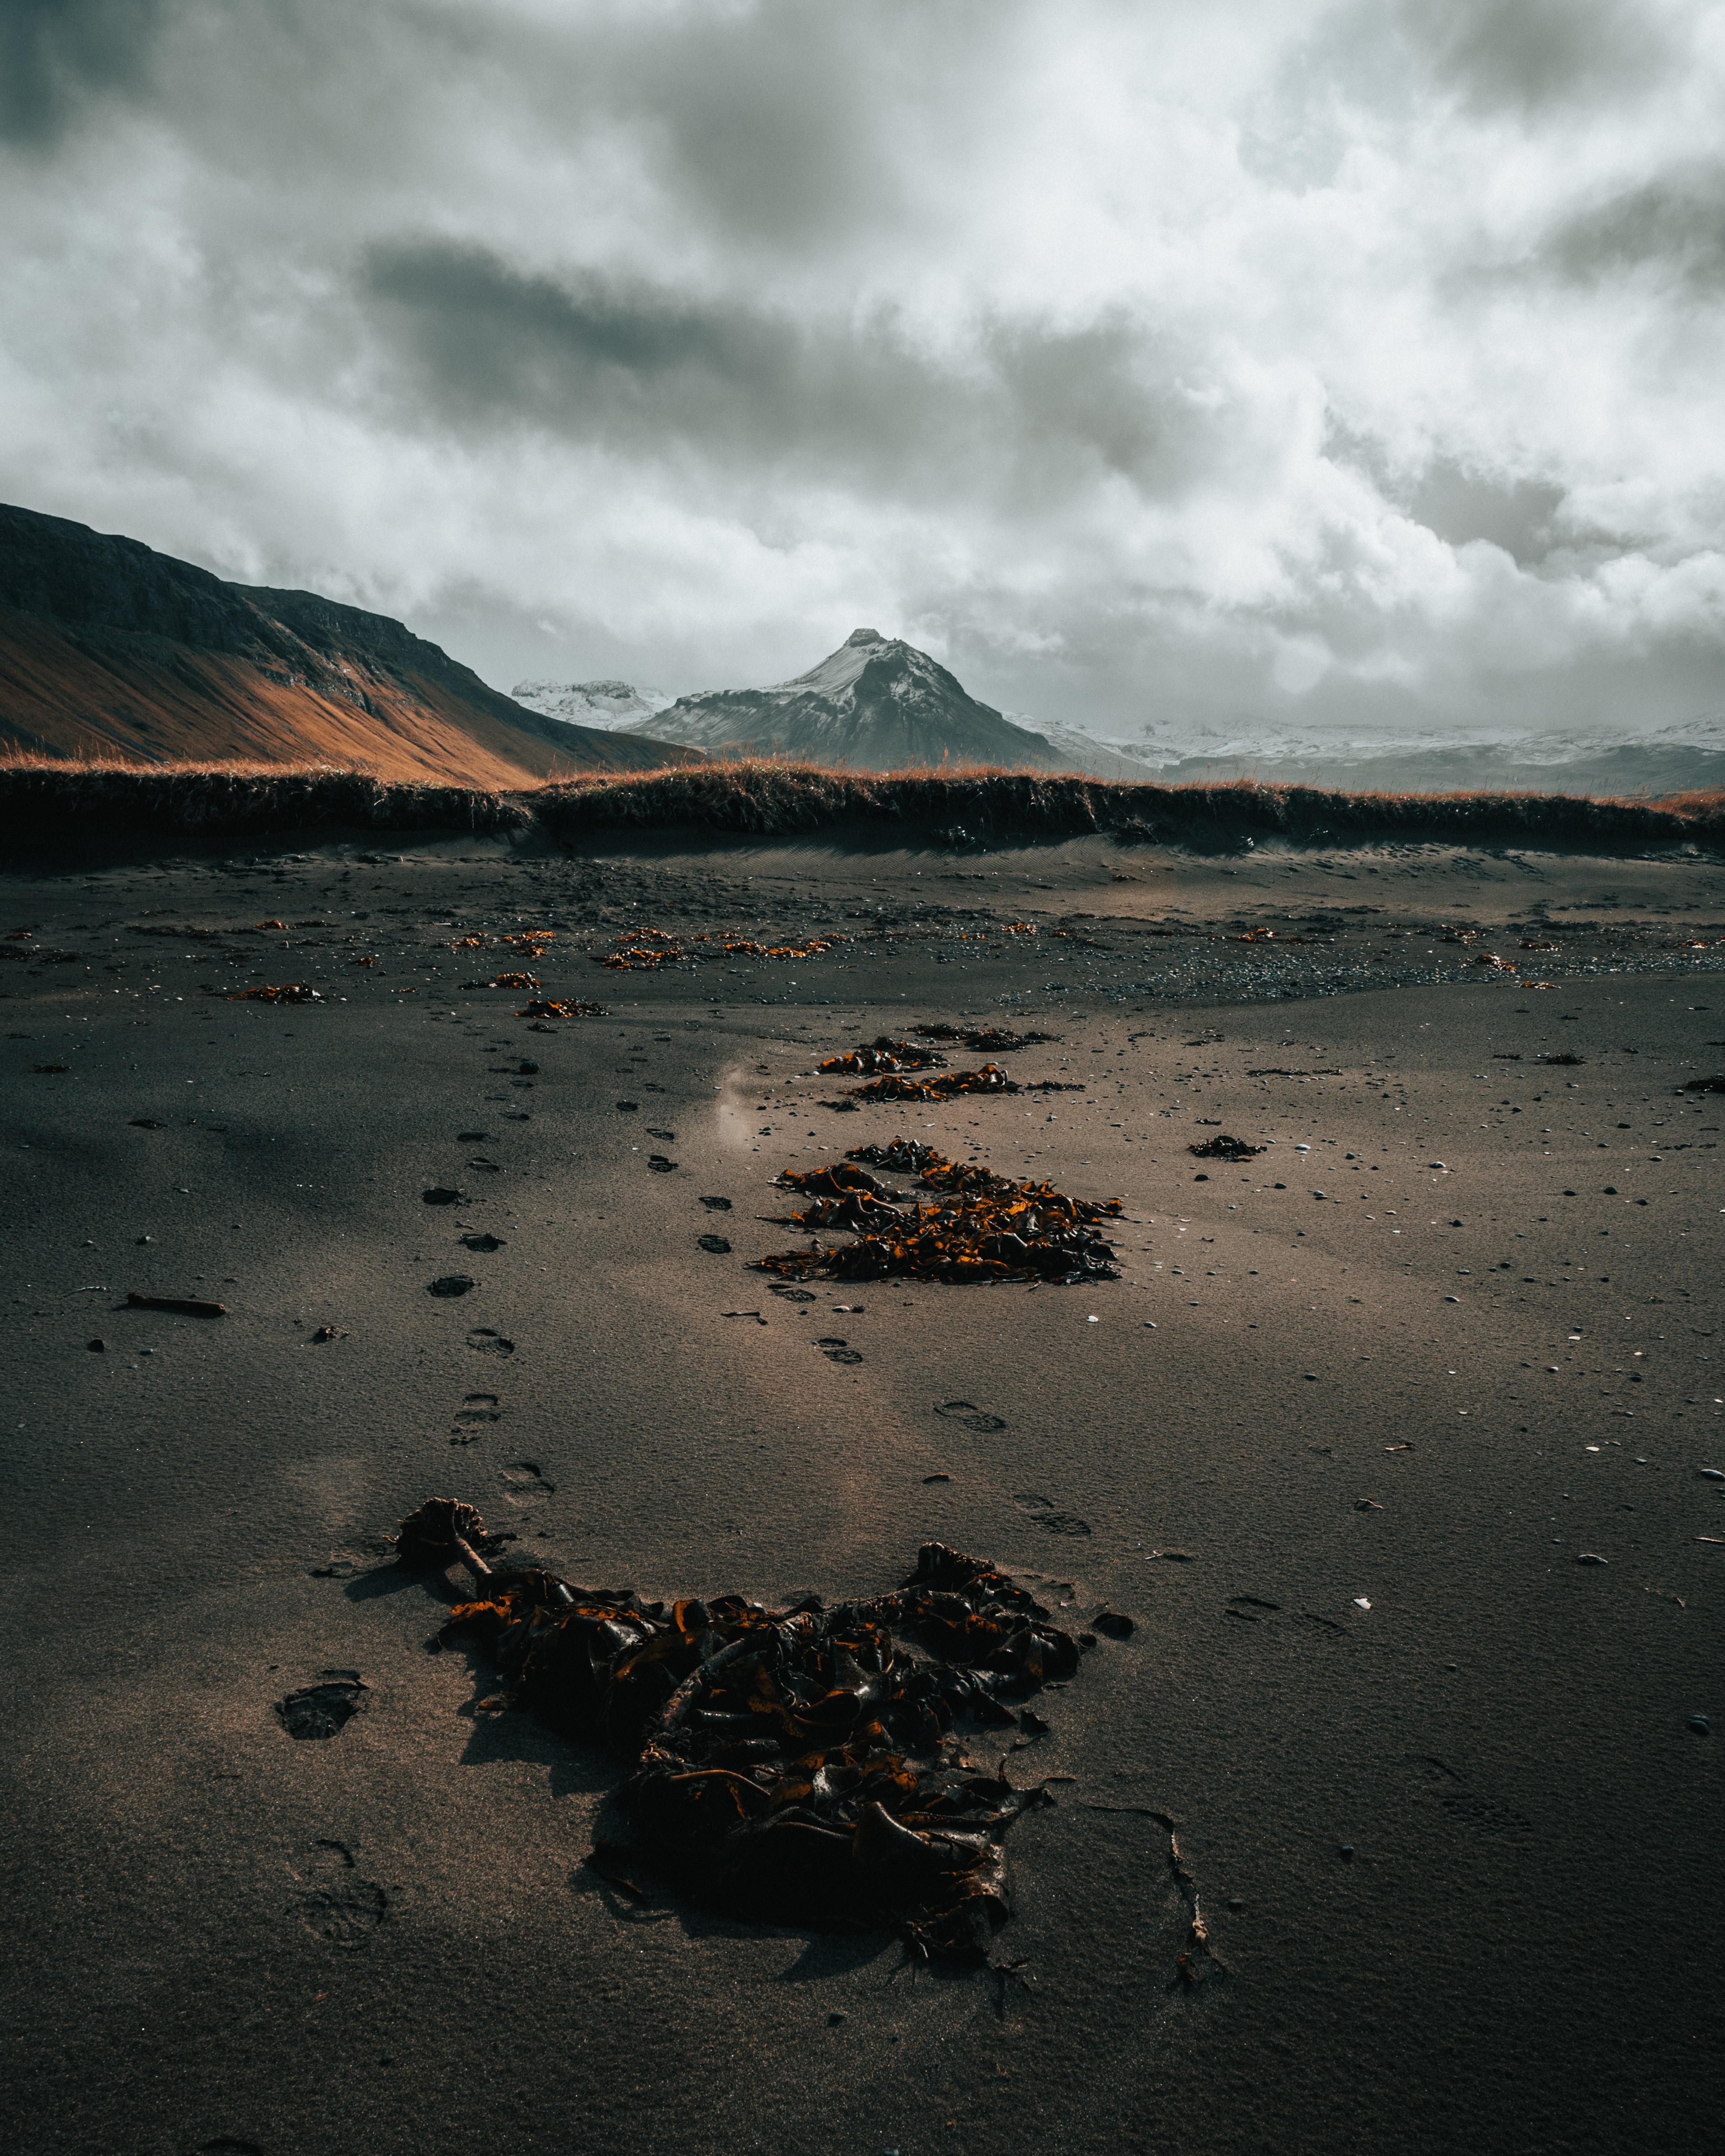 103426 скачать обои Природа, Гора, Берег, Песок, Следы, Пейзаж - заставки и картинки бесплатно